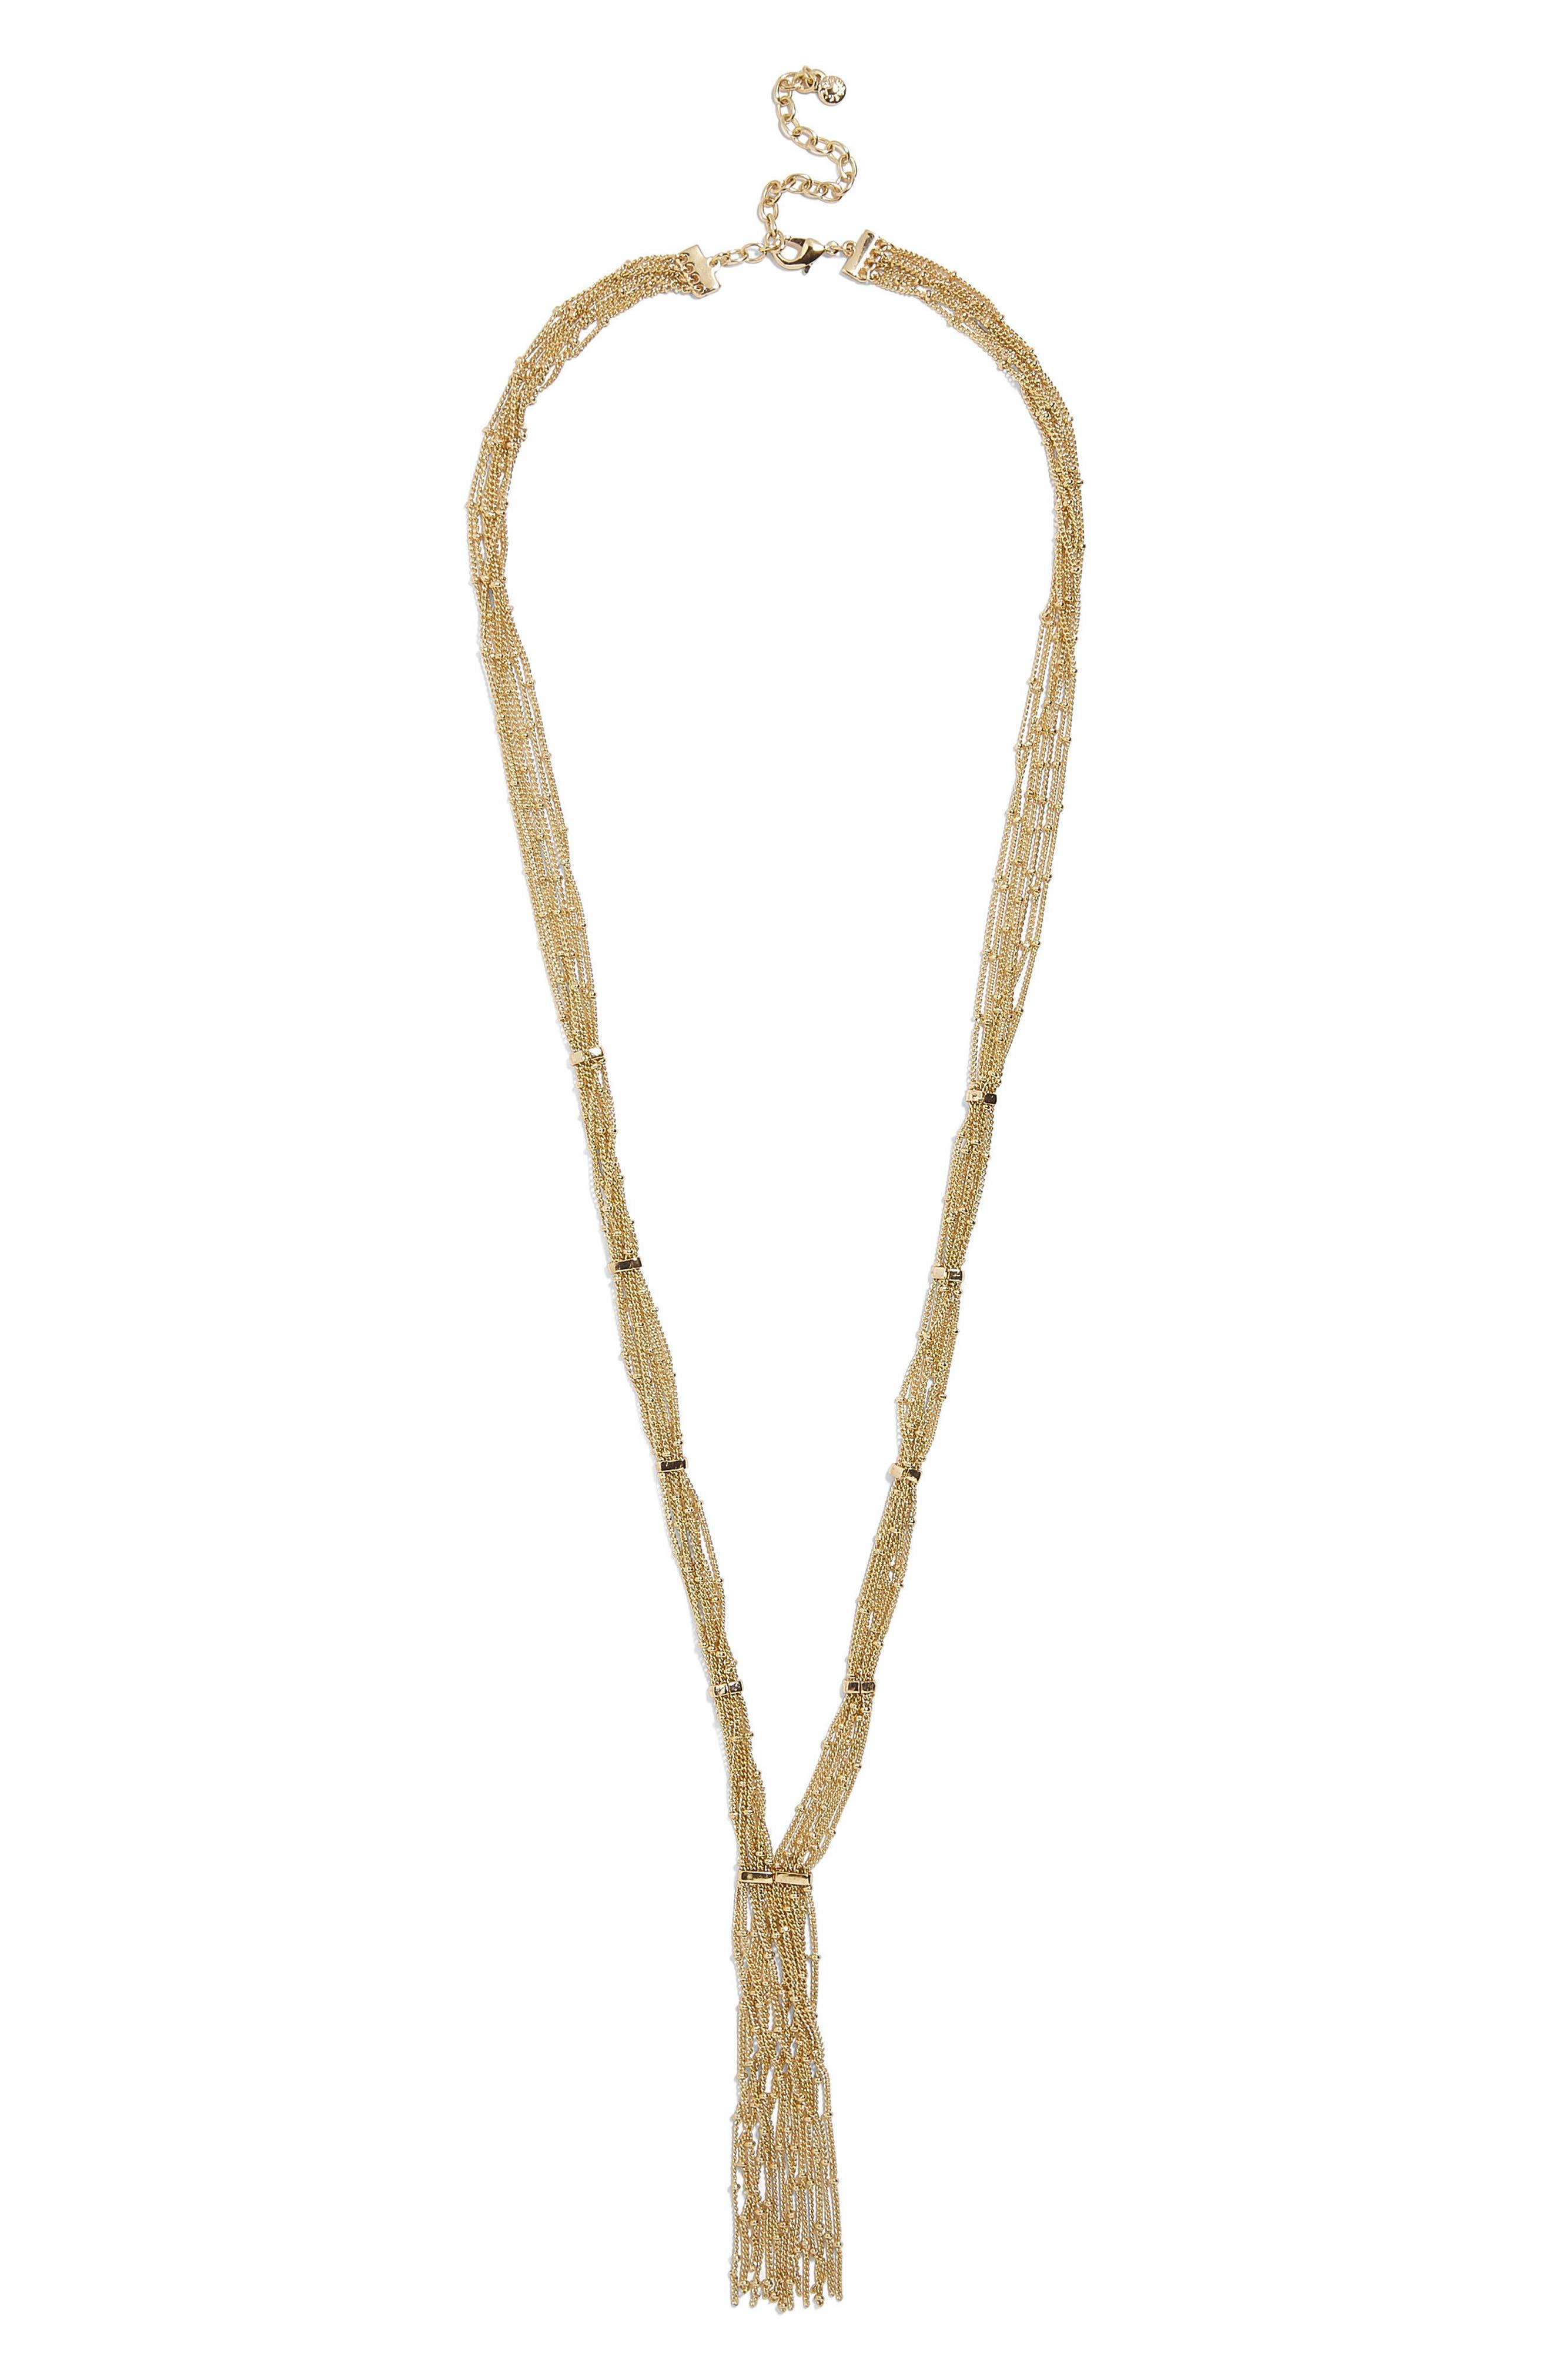 Pavanne Chain Y-Necklace,                             Alternate thumbnail 2, color,                             714